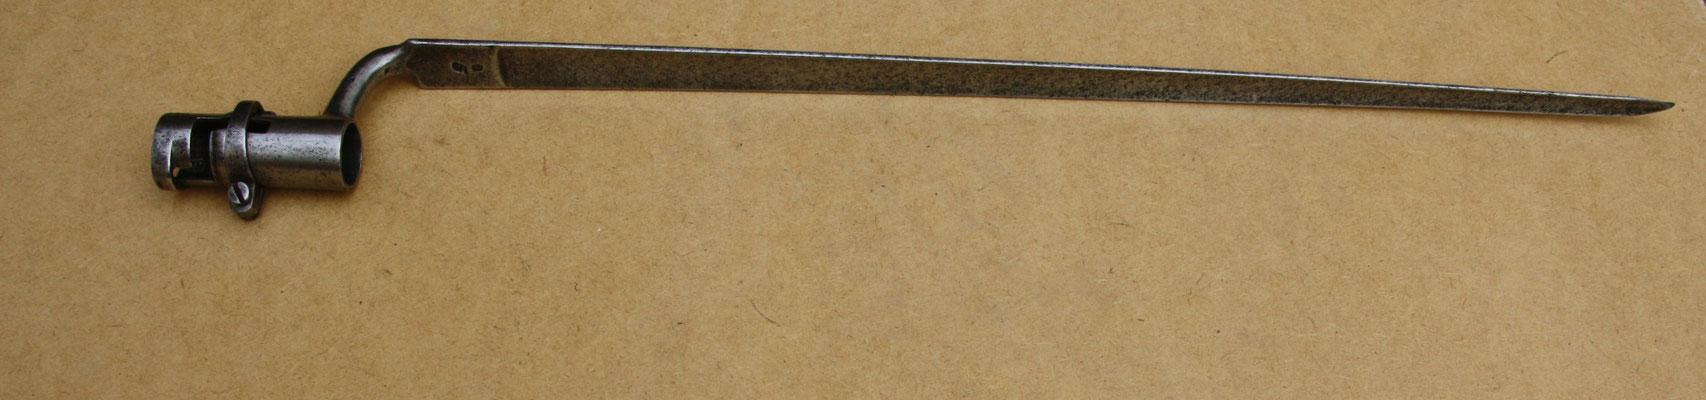 """MANUSCRIT PARISIEN, anonyme de XVIIIe siècle, daté de 1768, intitulé"""" Oeuvres de M. B.. D… dédiées à Madame D… 3 ff., 267 pp., plus un cahier paginé A à Z. Très belle reliure plein maroquin rouge d'époque, dos à nerfs richement orné de caissons avec"""